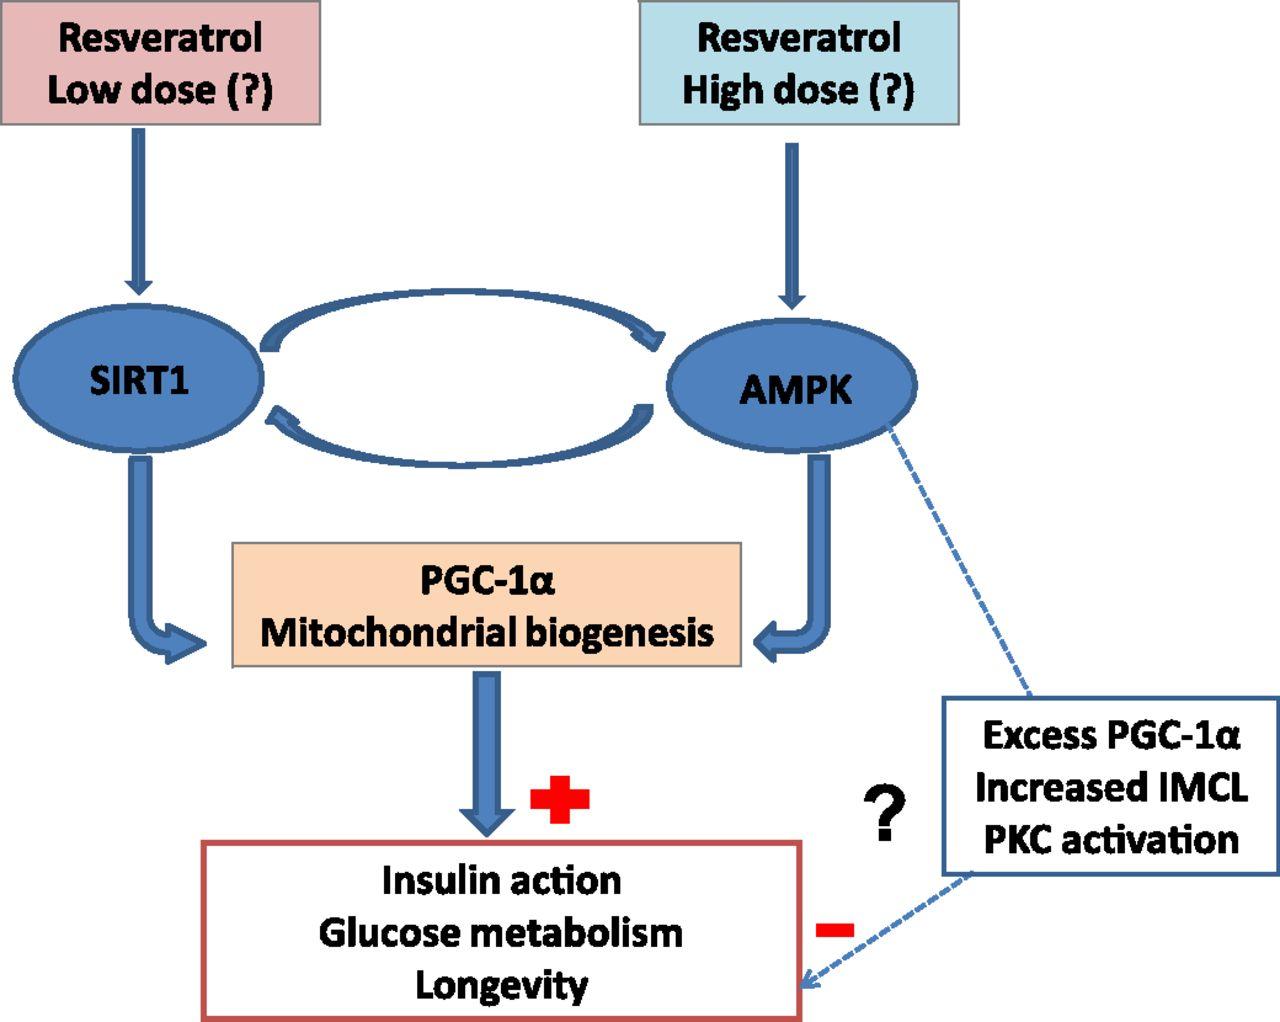 Влияението на ресвератролът върху инсулиновата чувствителност